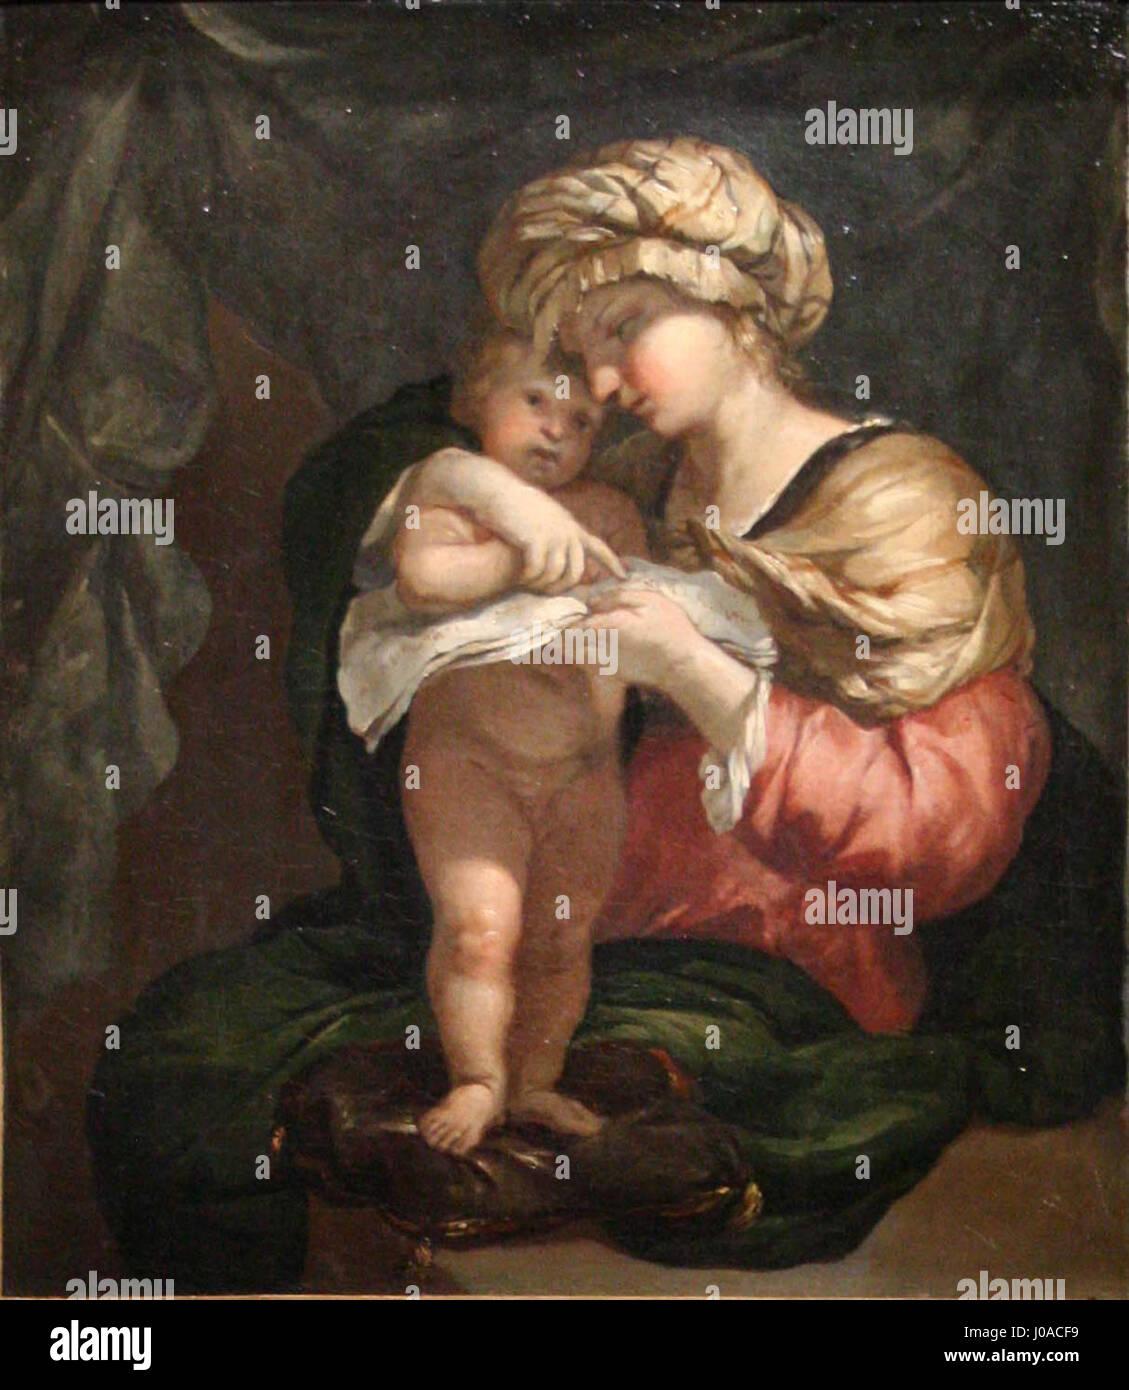 Pierre Puget - La Vierge apprenant à lire à l'Enfant Jésus - Stock Image